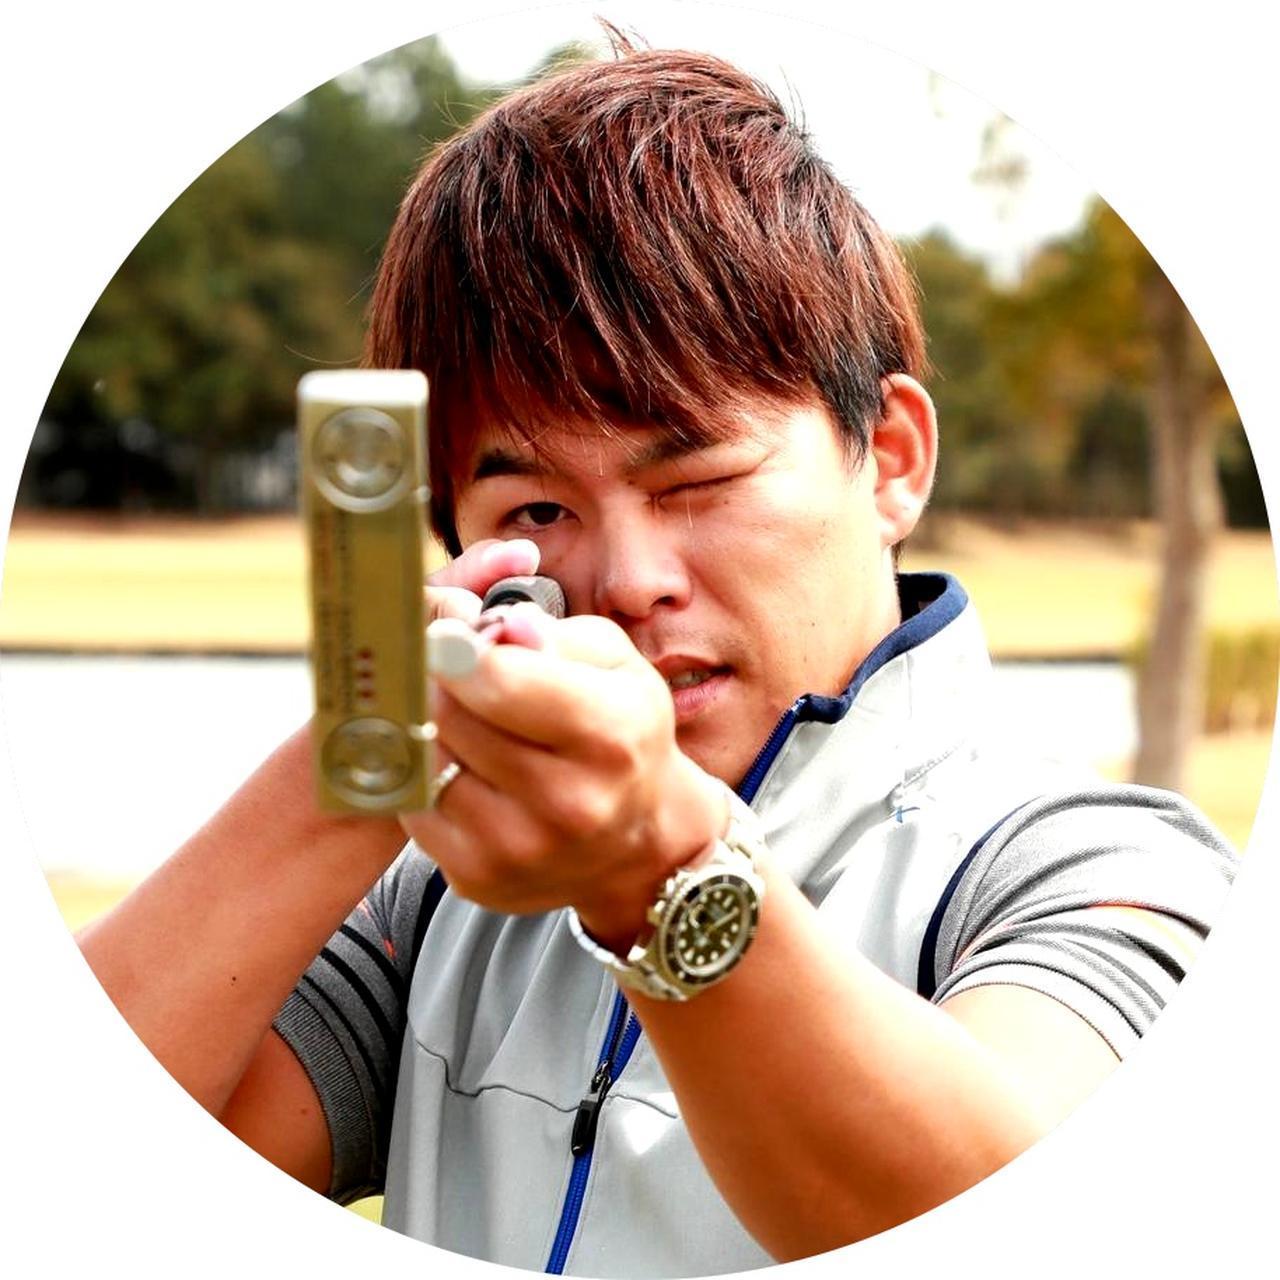 画像: 【解説/伊東大祐プロ】 8歳でゴルフを始め11歳で単身渡米。17歳で渡豪し、ジェイソン・デイと同じゴルフ部に在籍。豪州PGAツアーメンバー。ゴールドコーストのクロスゴルフアカデミー校長